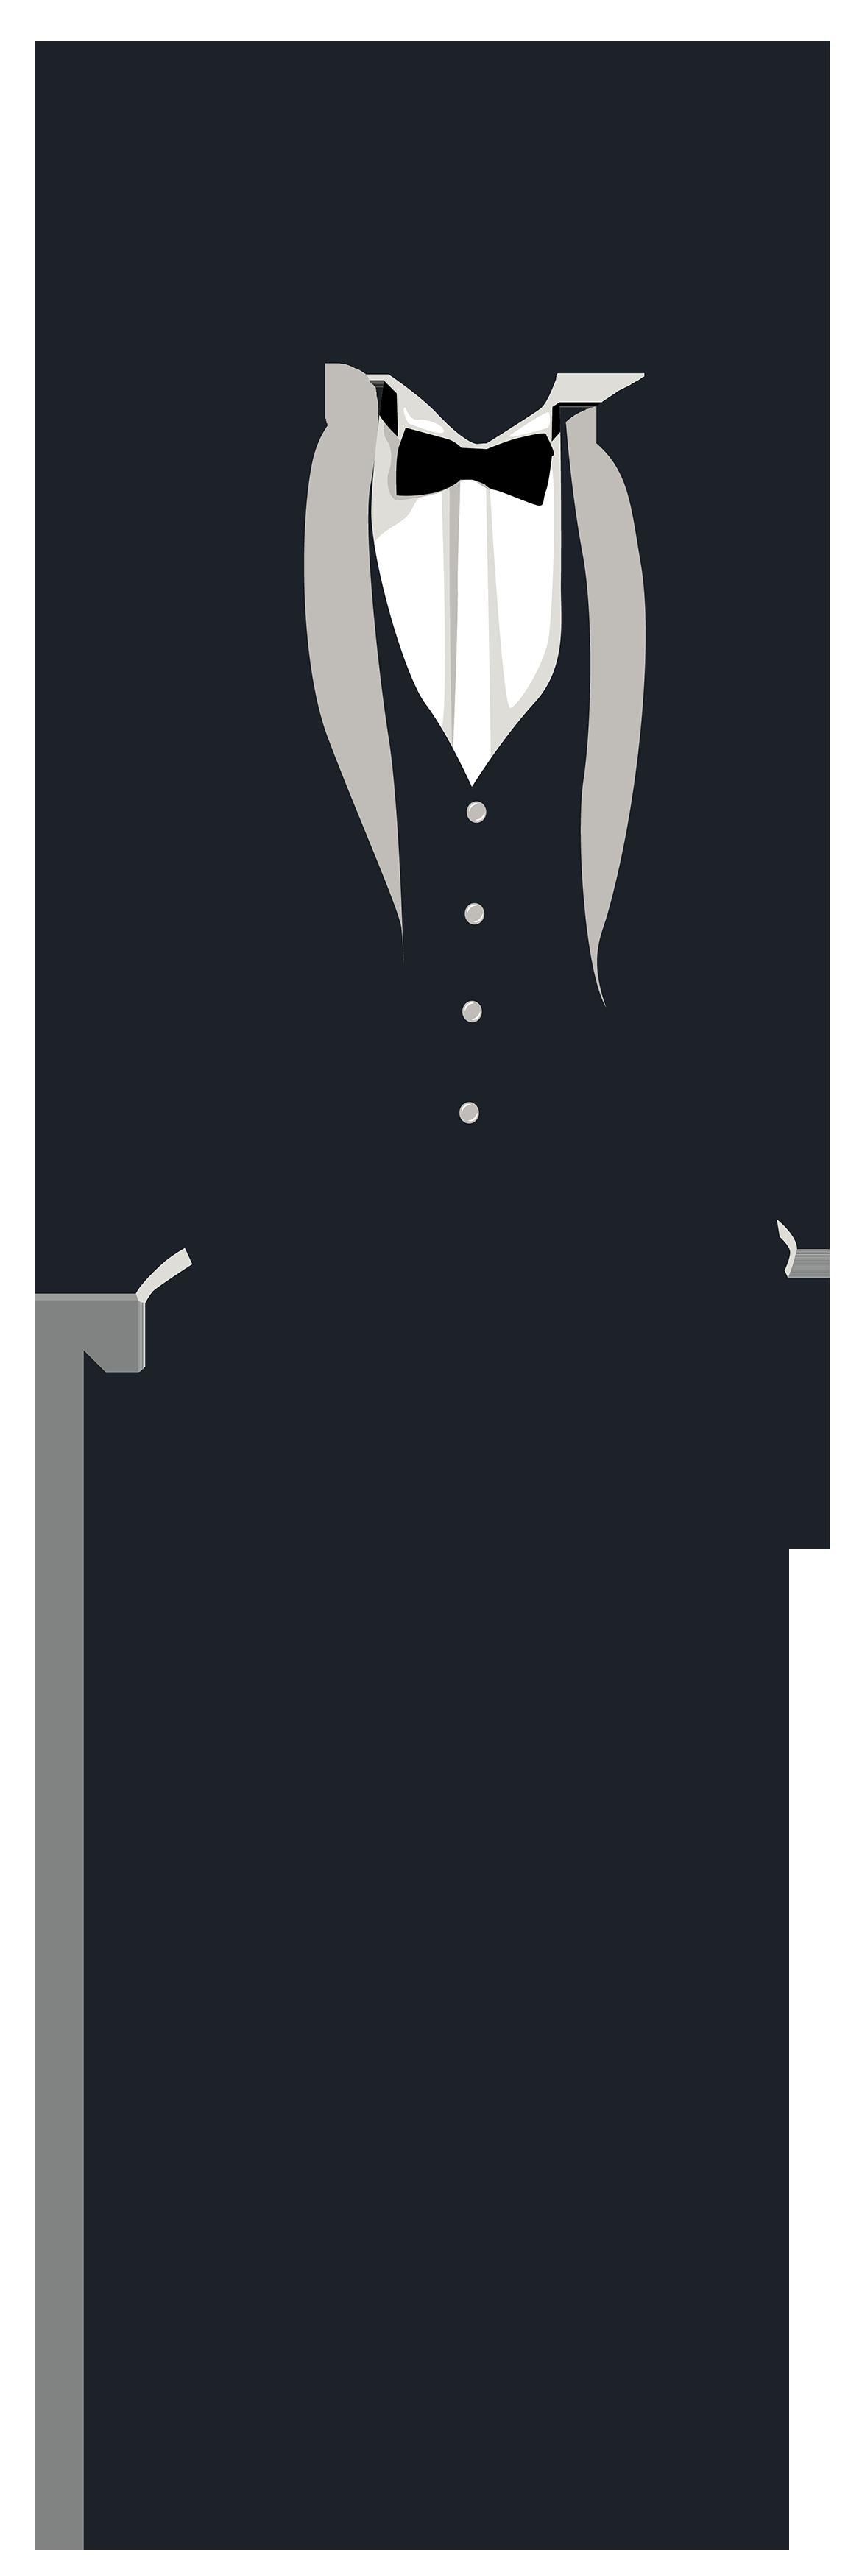 Groom Clipart #10